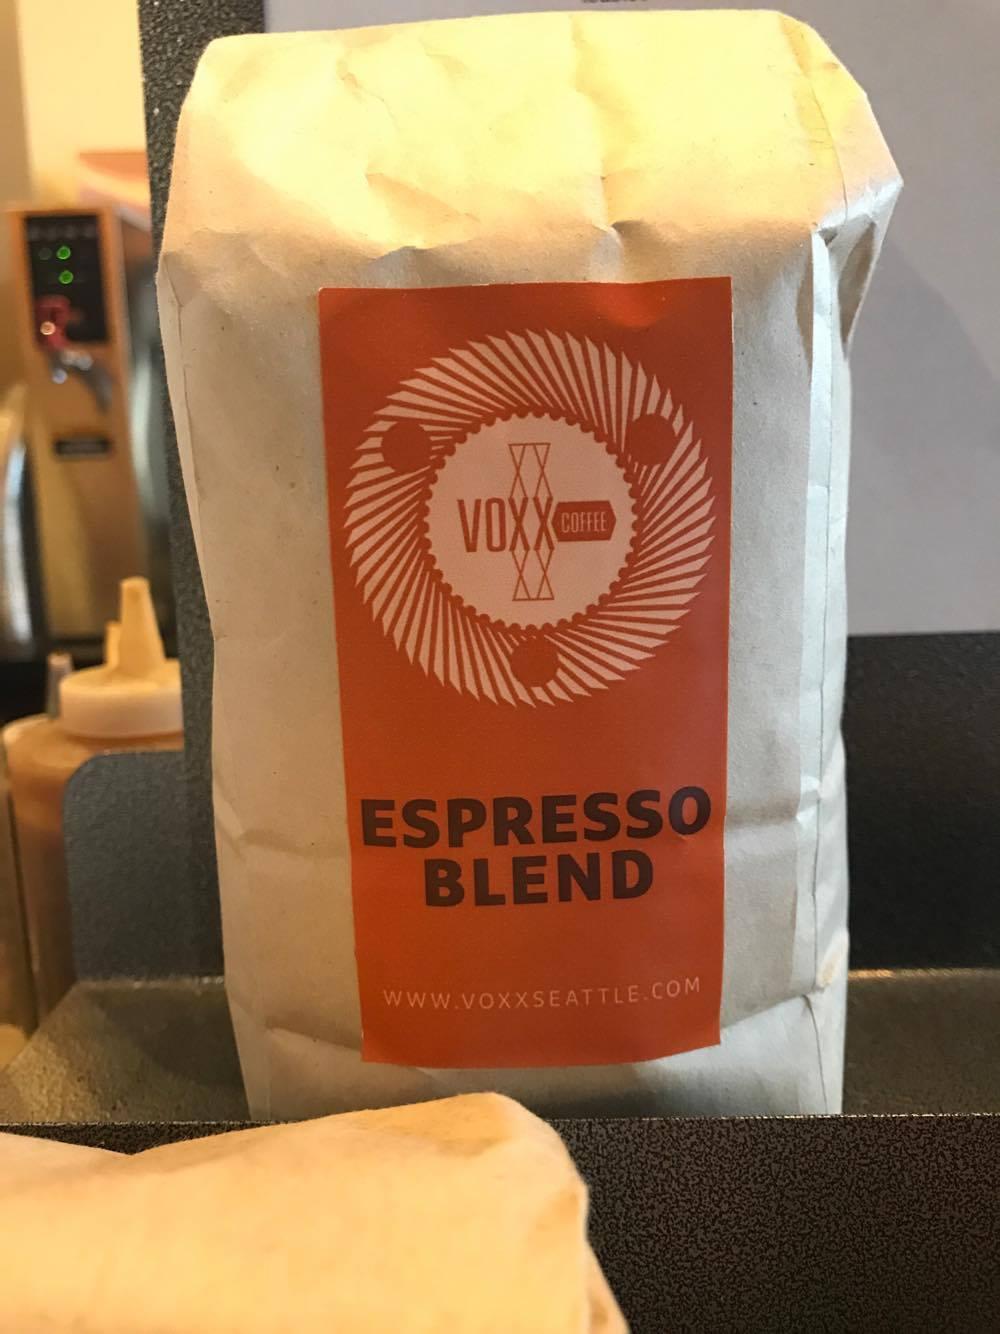 voxx coffee espresso blend.jpg